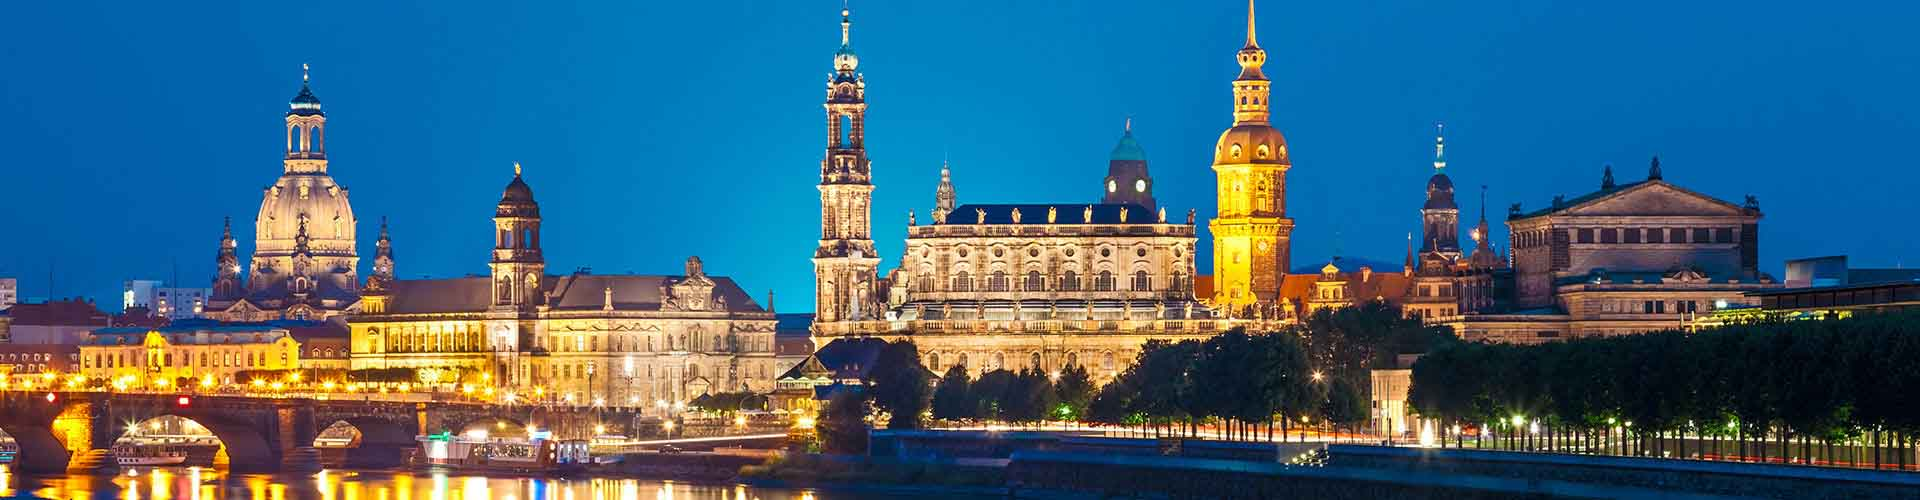 Dresden – Hostels in Dresden. Dresden auf der Karte. Fotos und Bewertungen für jedes Hostel in Dresden.